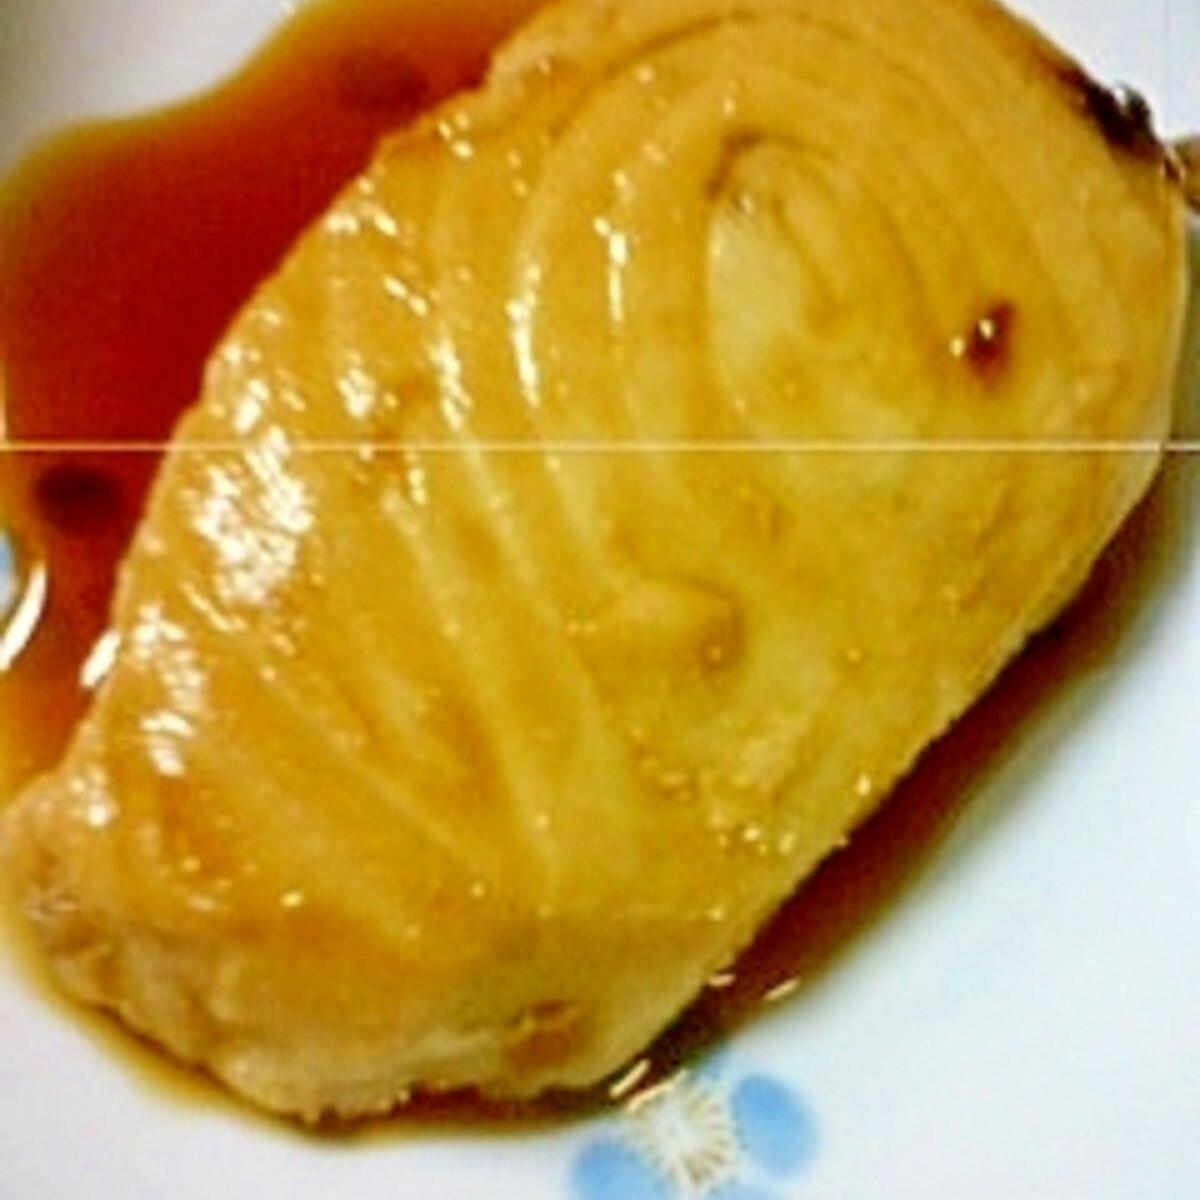 カジキマグロ の 煮付け 【みんなが作ってる】 めかじき 煮付けのレシピ